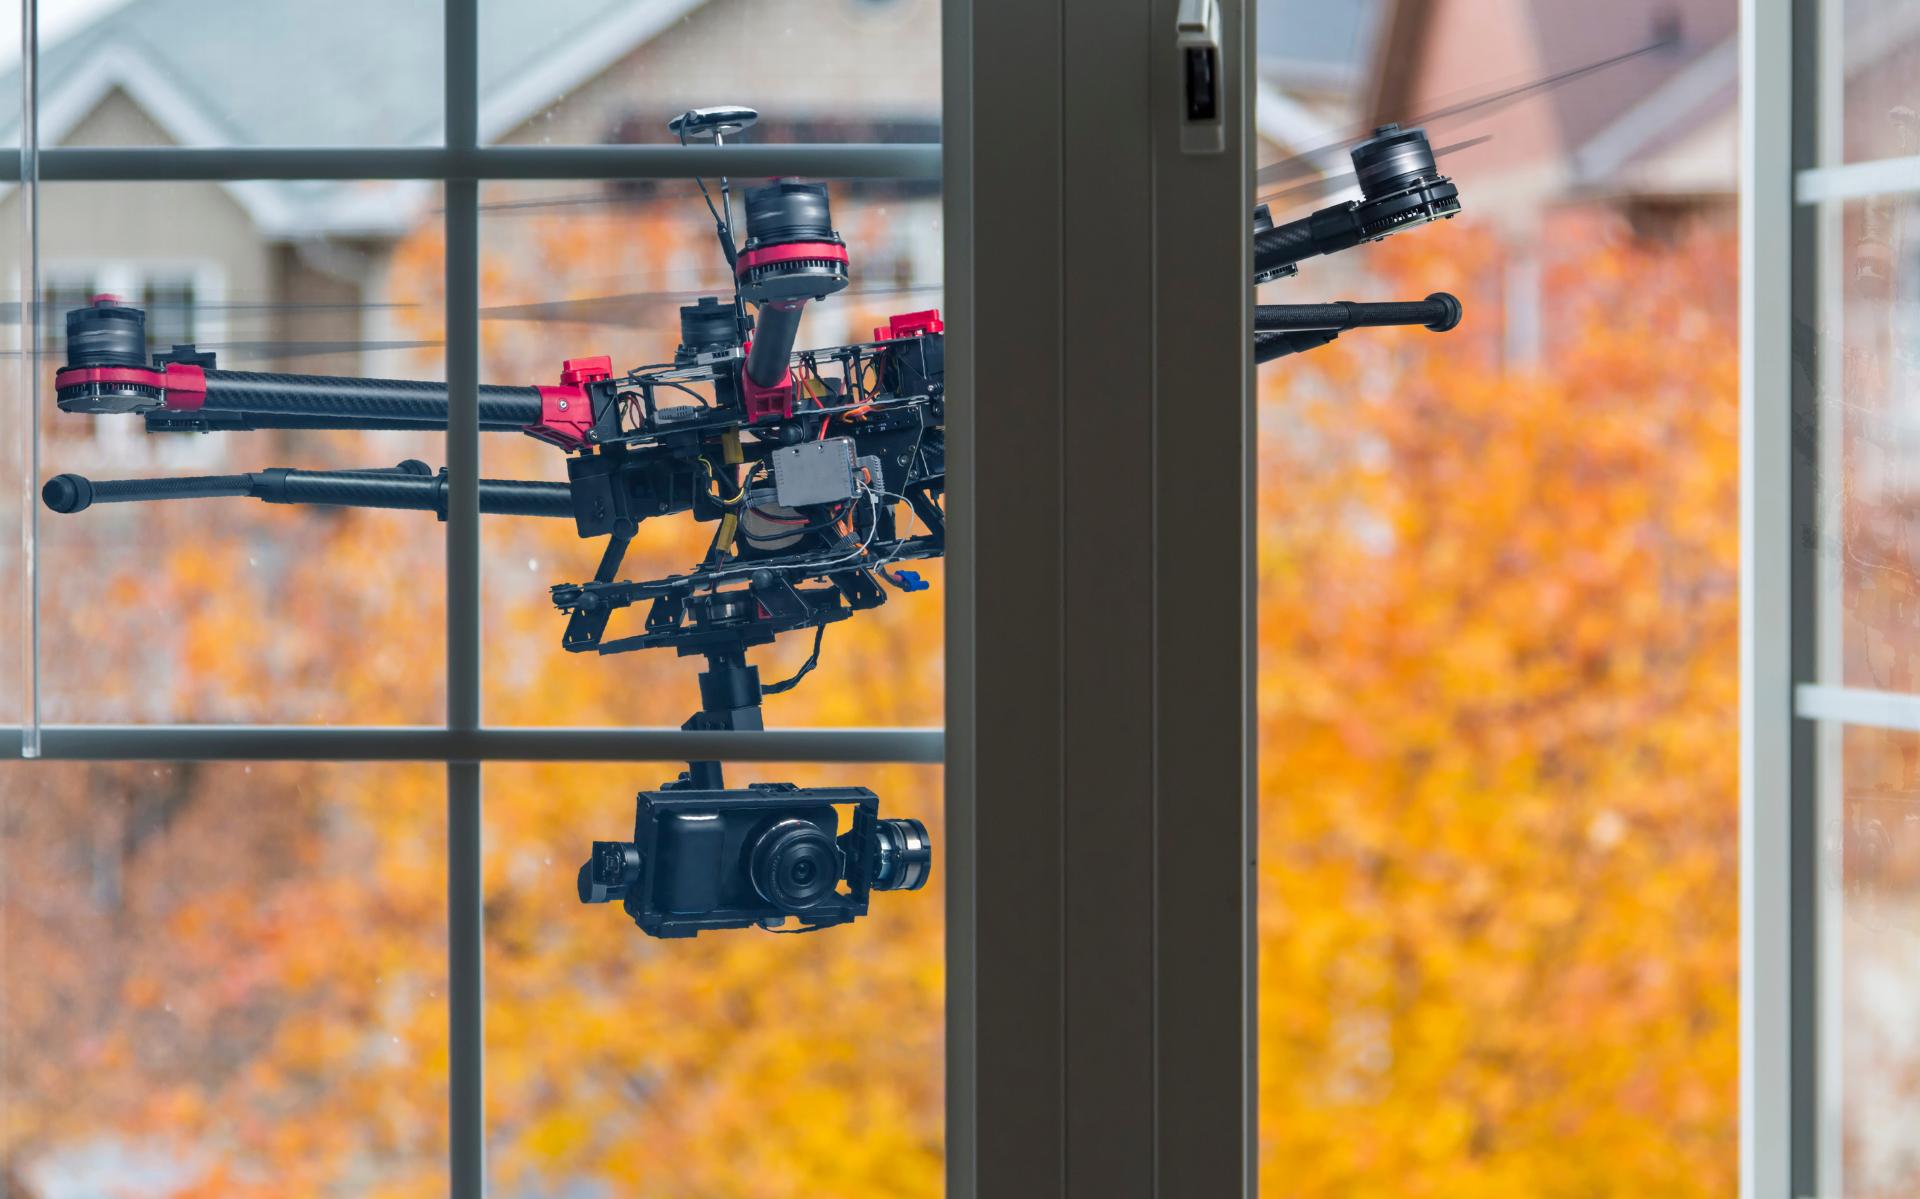 Victory UAV - Drone Spying - 1